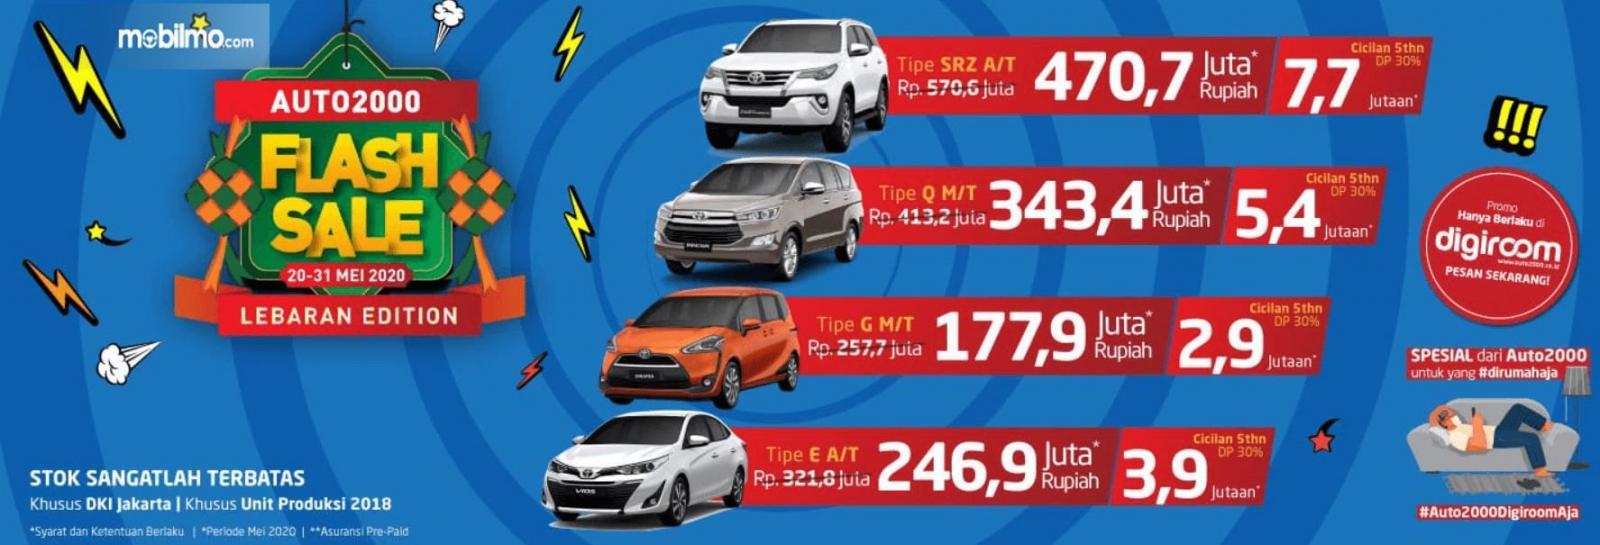 Gambar ini menunjukkan brosur program Toyota Auto2000